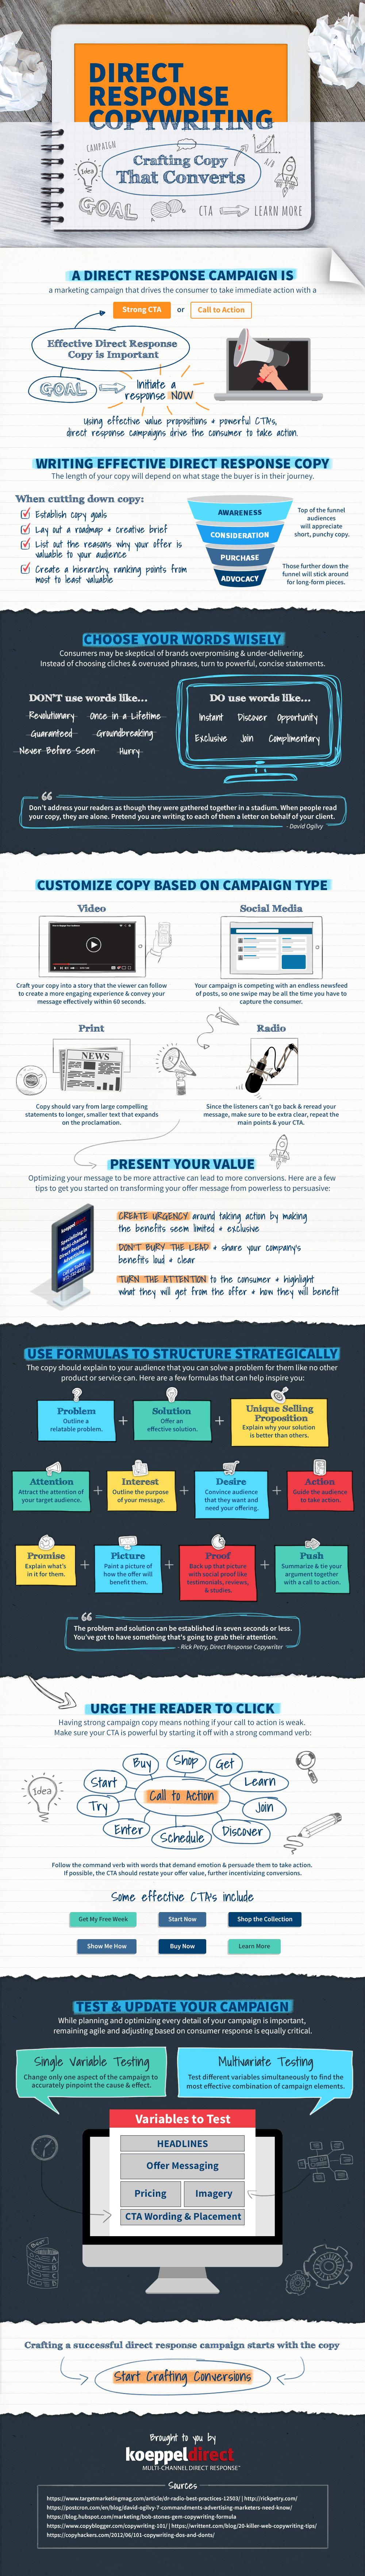 Infographic outlines effective web copy techniques